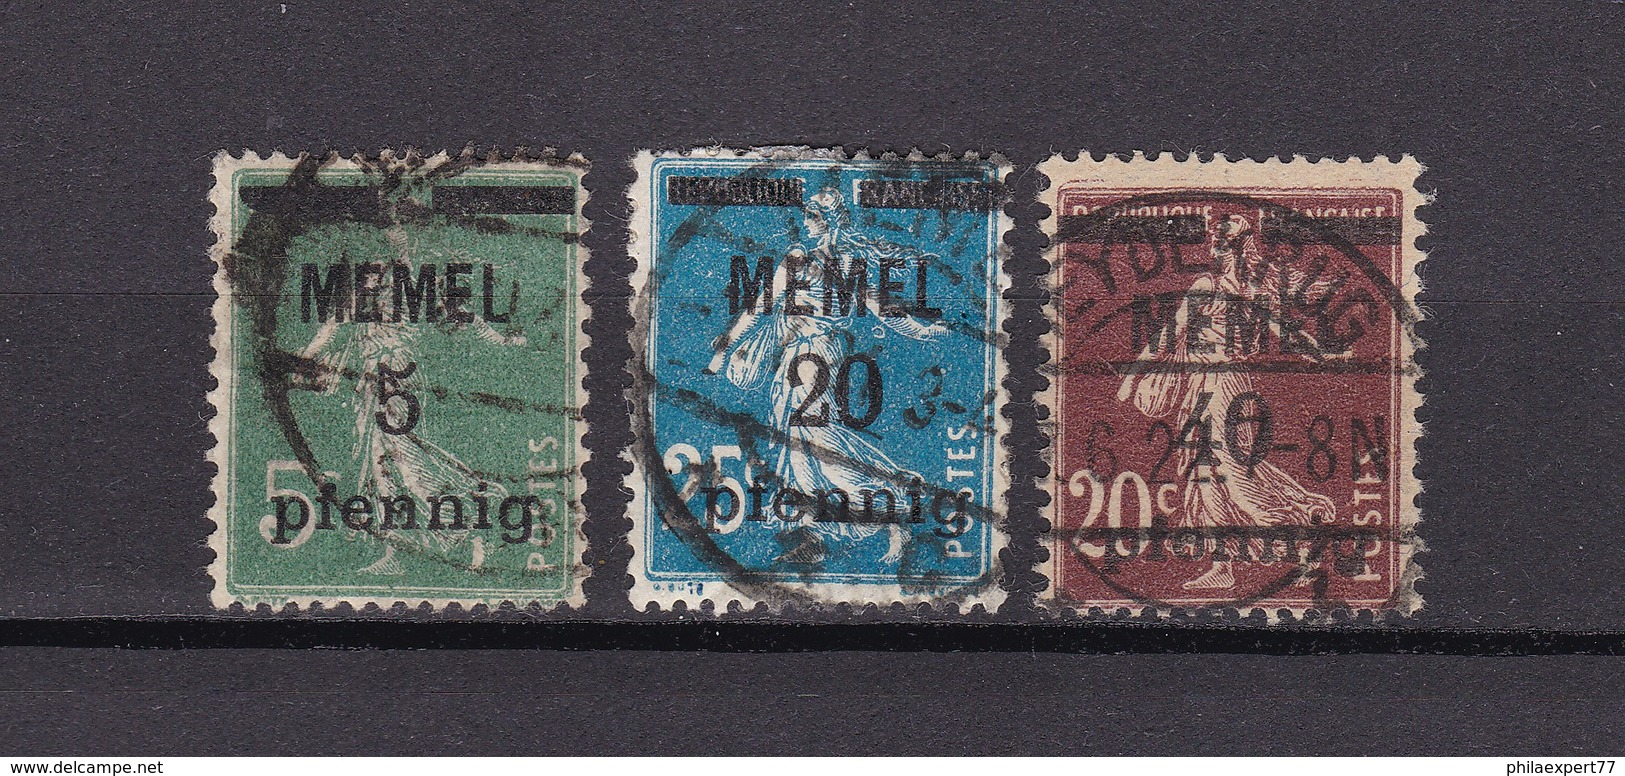 Memelgebiet - 1920/22 - Michel Nr. 18+20+22 - Klaipeda